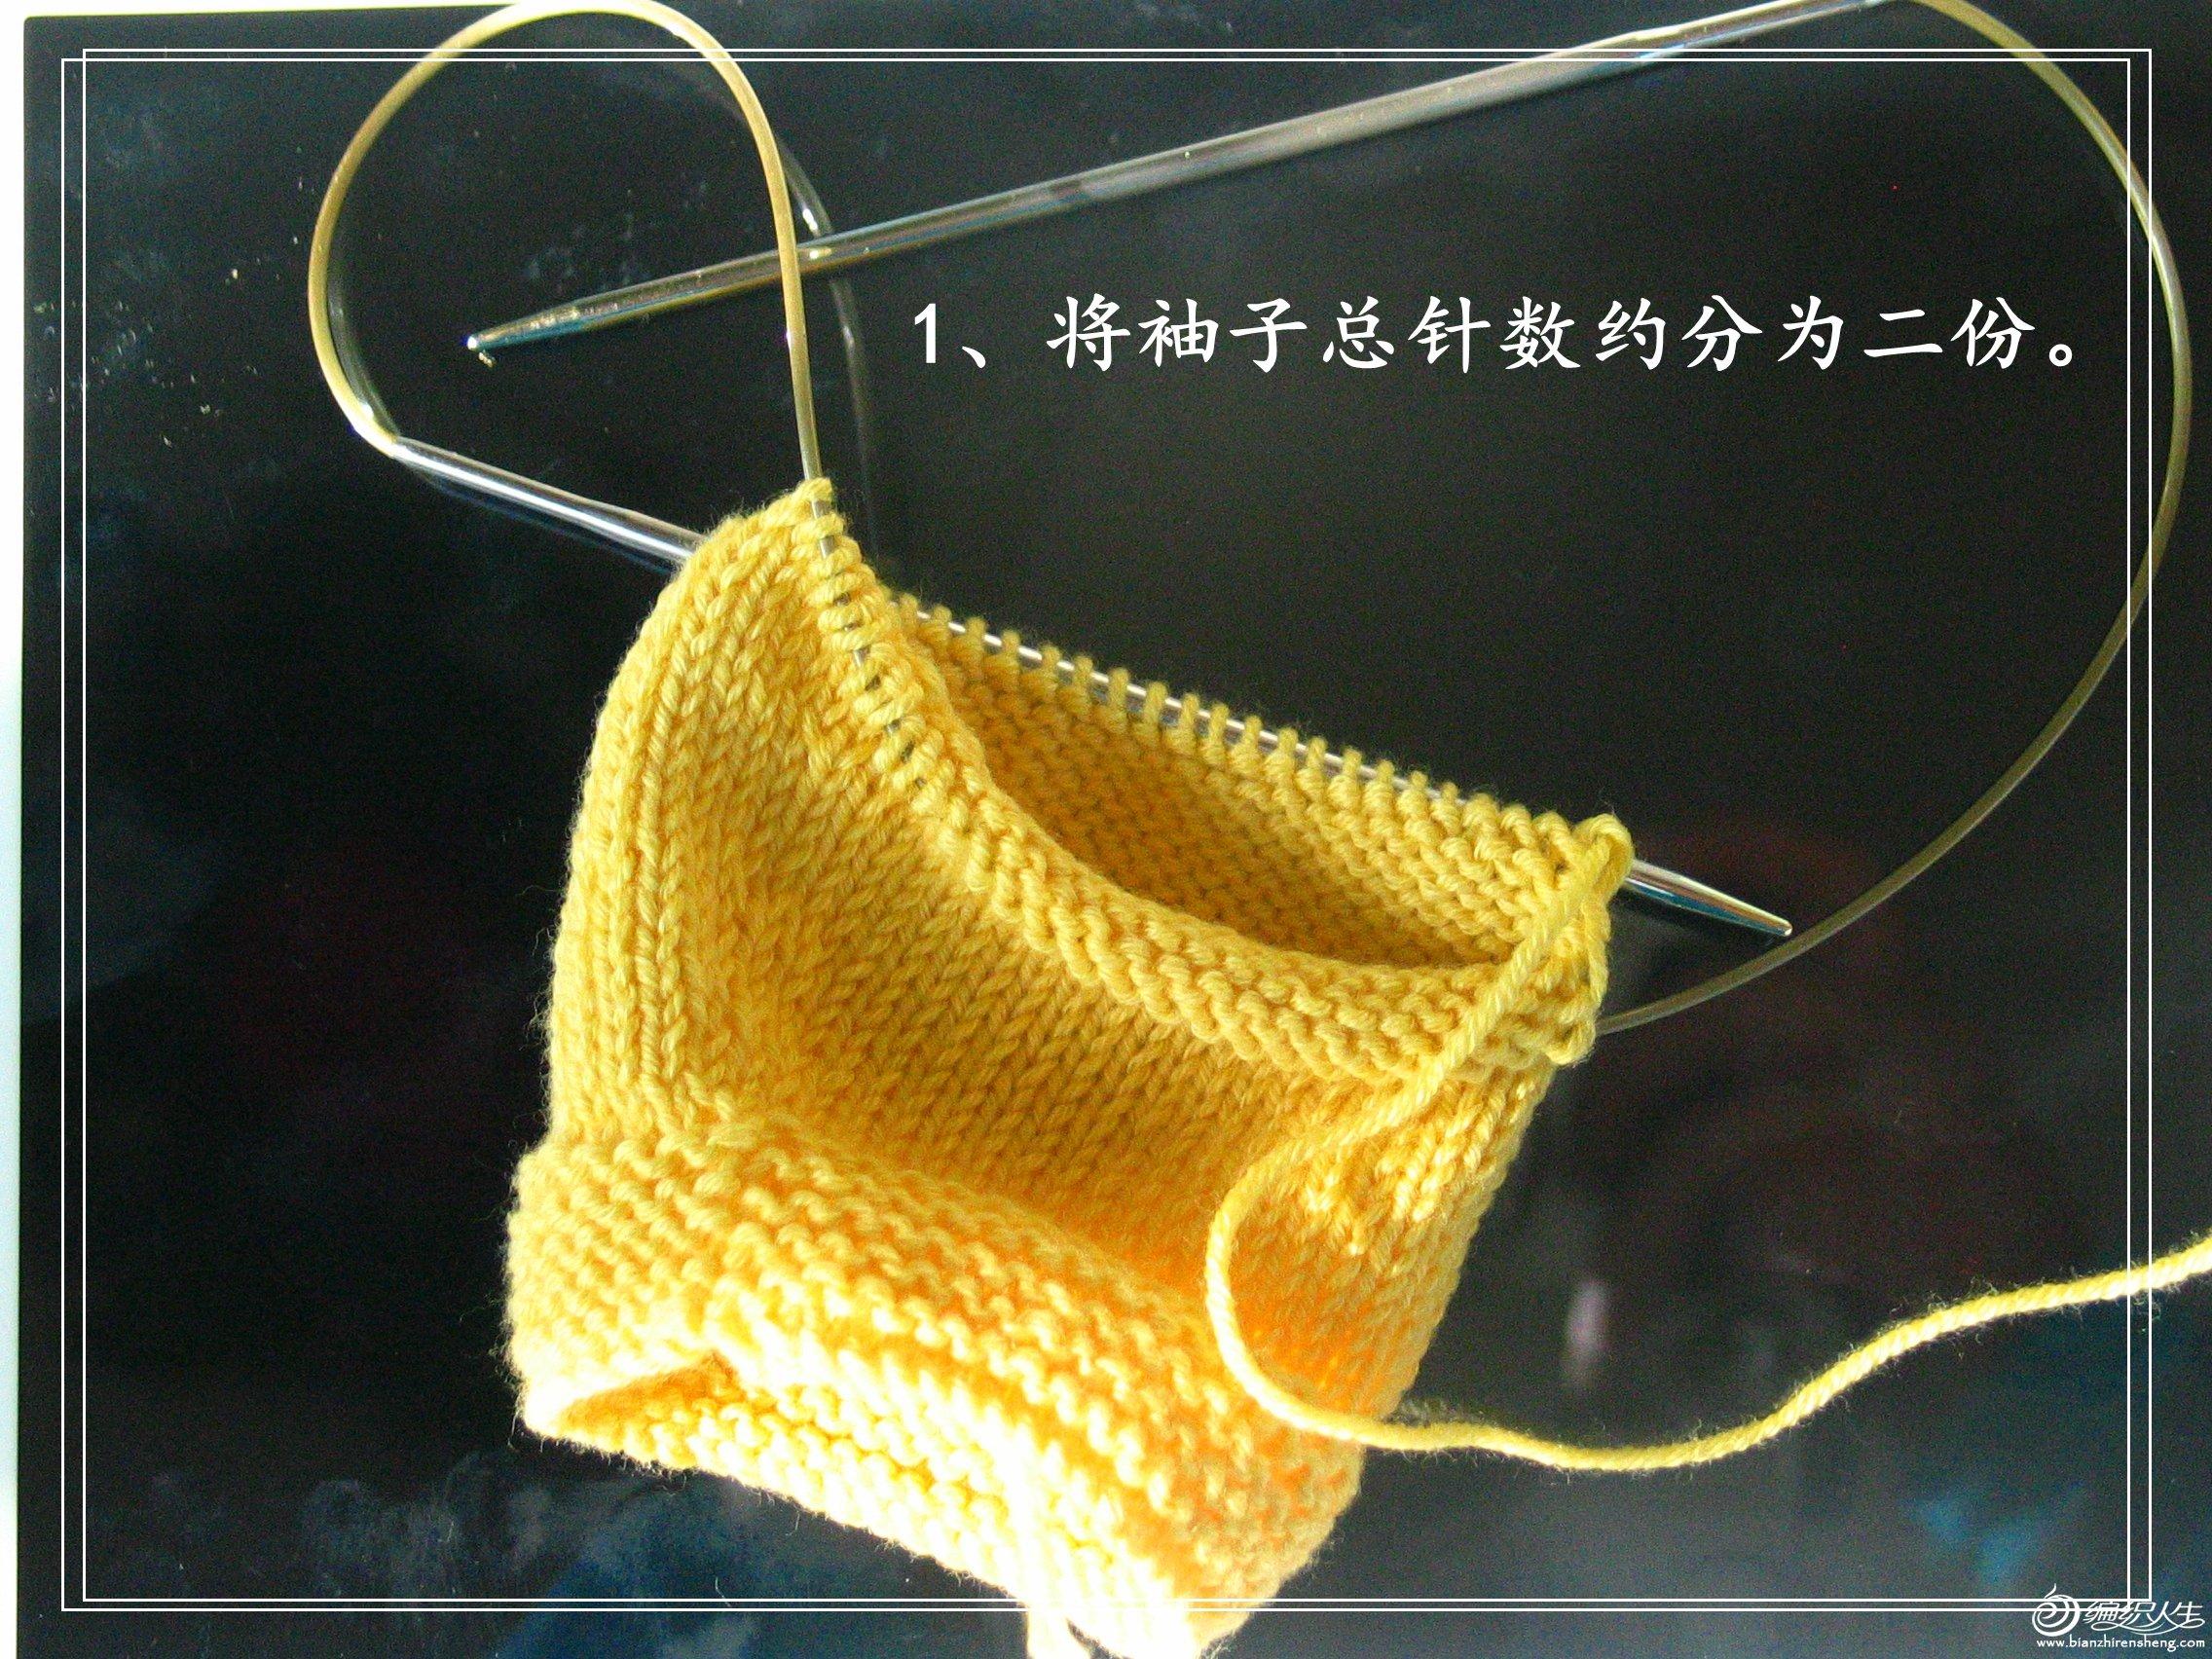 环针圈织袖子方法